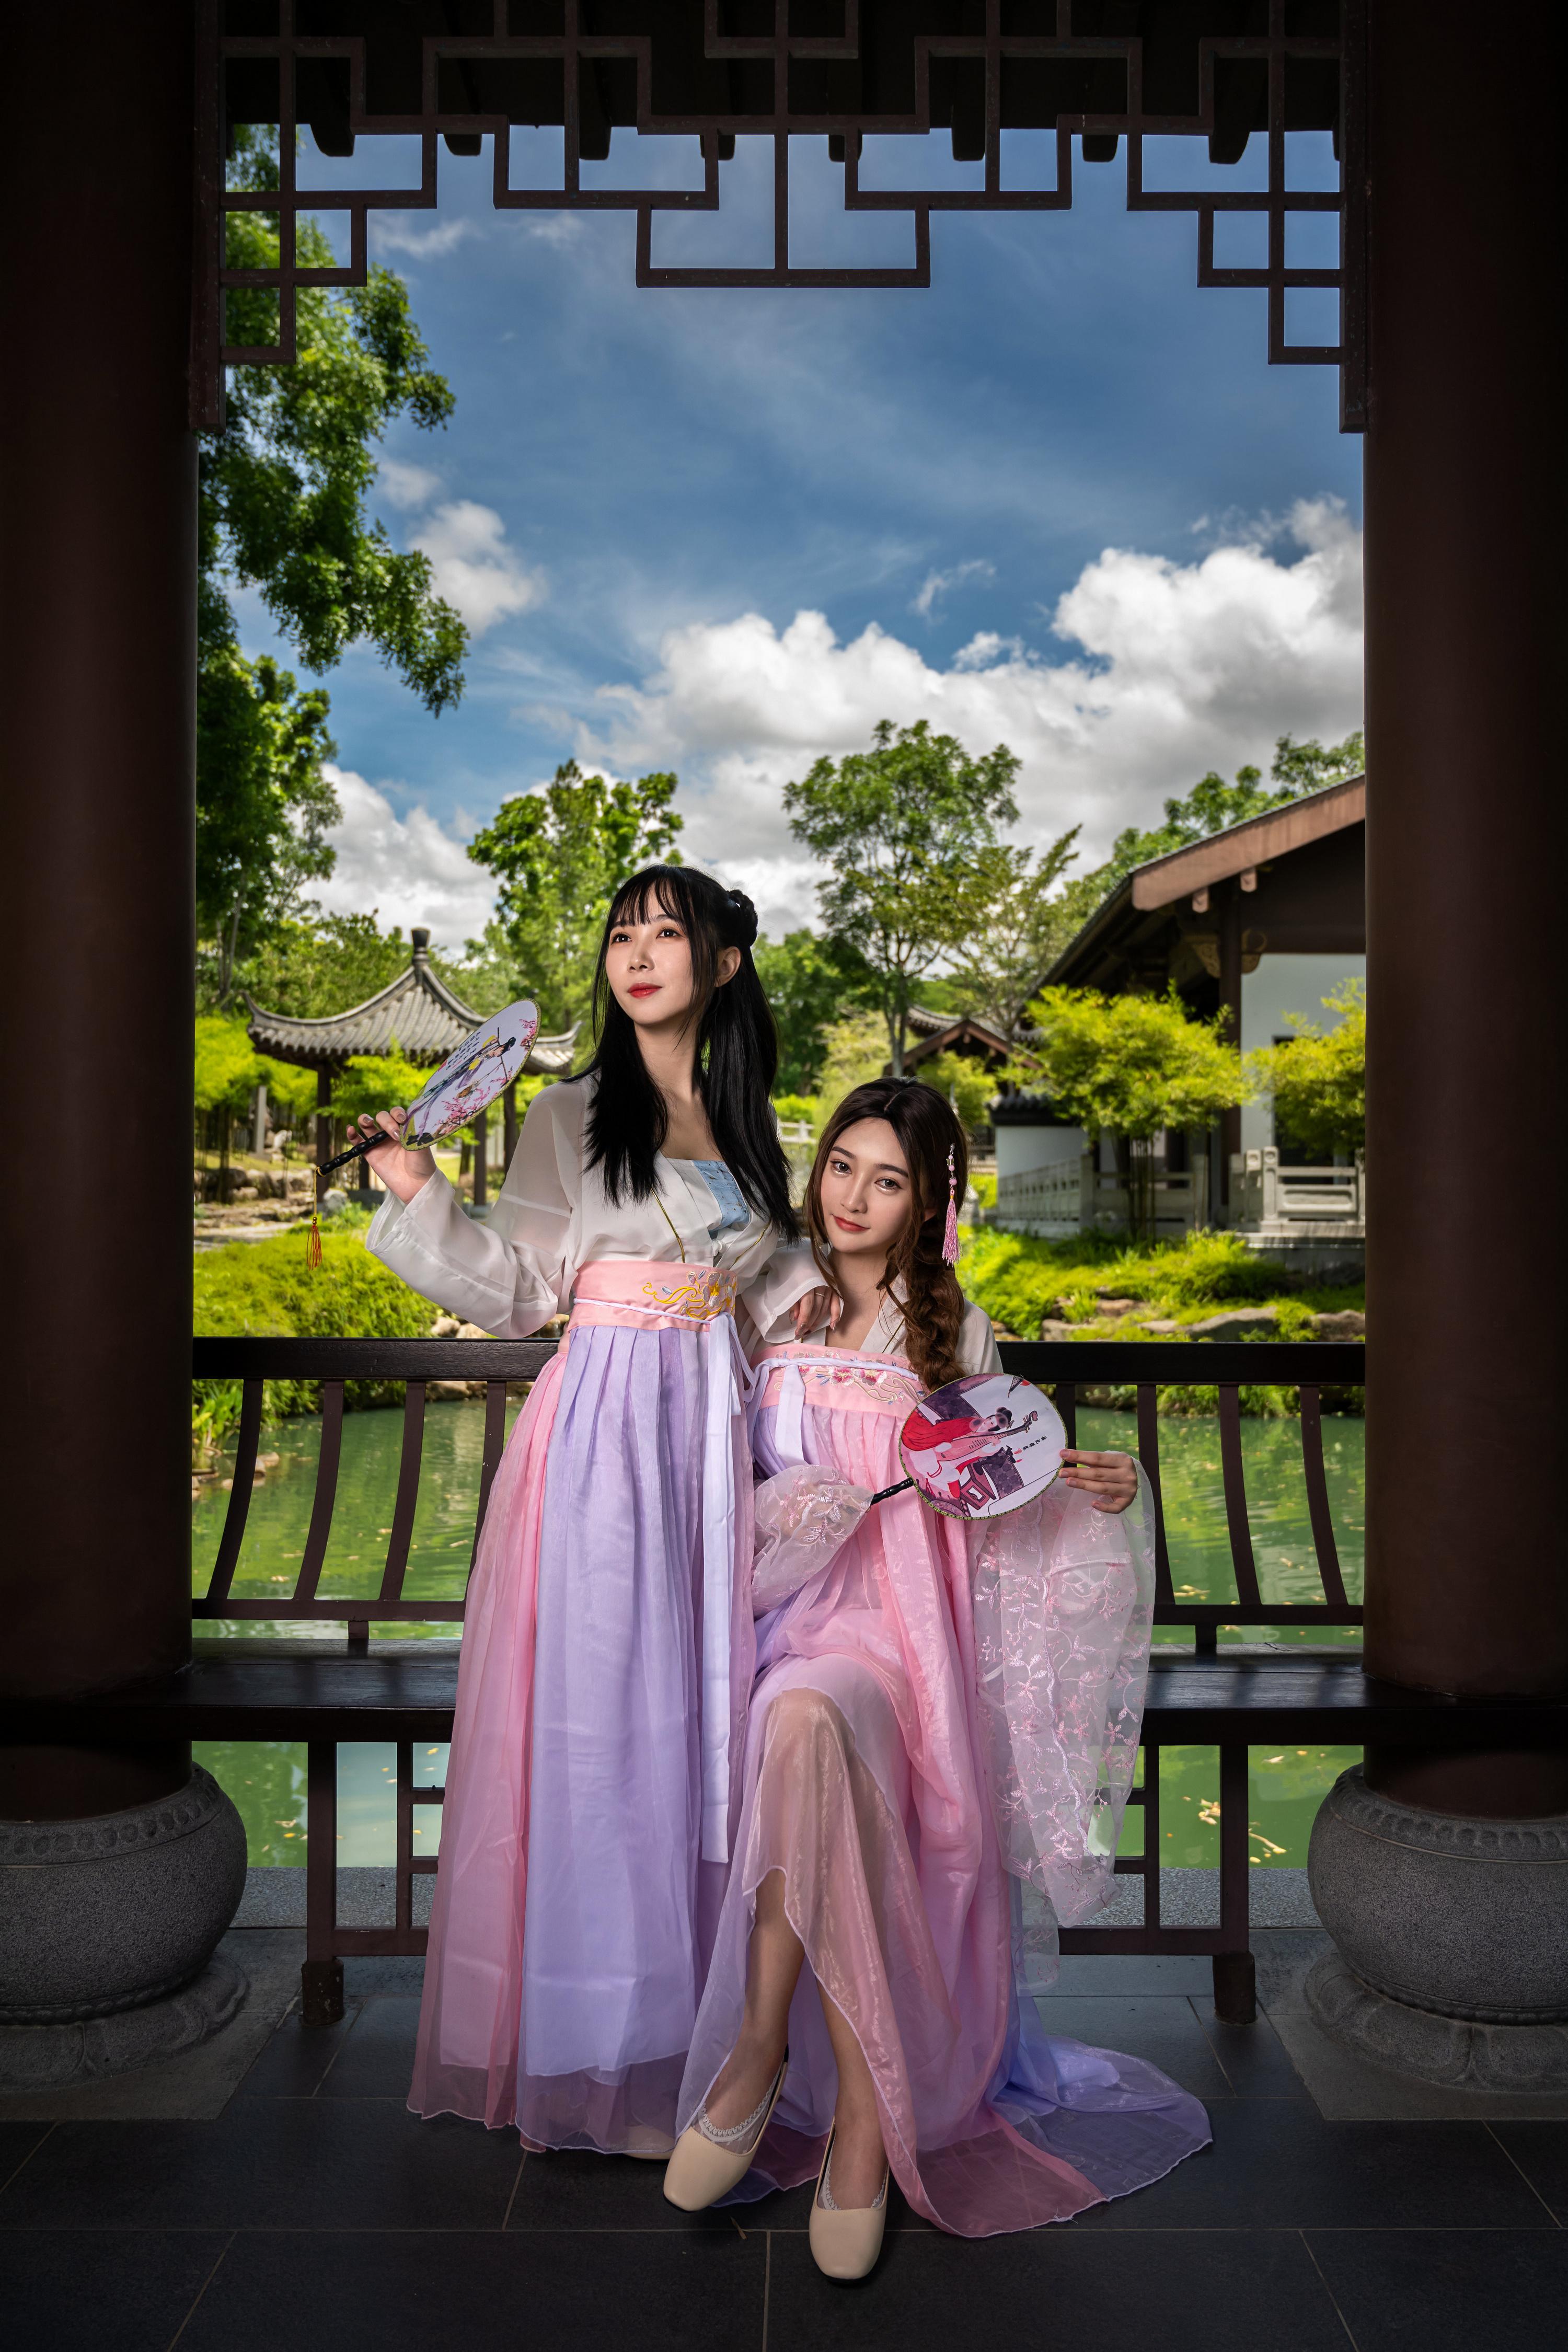 Фотография два Девушки азиатка платья  для мобильного телефона 2 две Двое вдвоем девушка молодая женщина молодые женщины Азиаты азиатки Платье